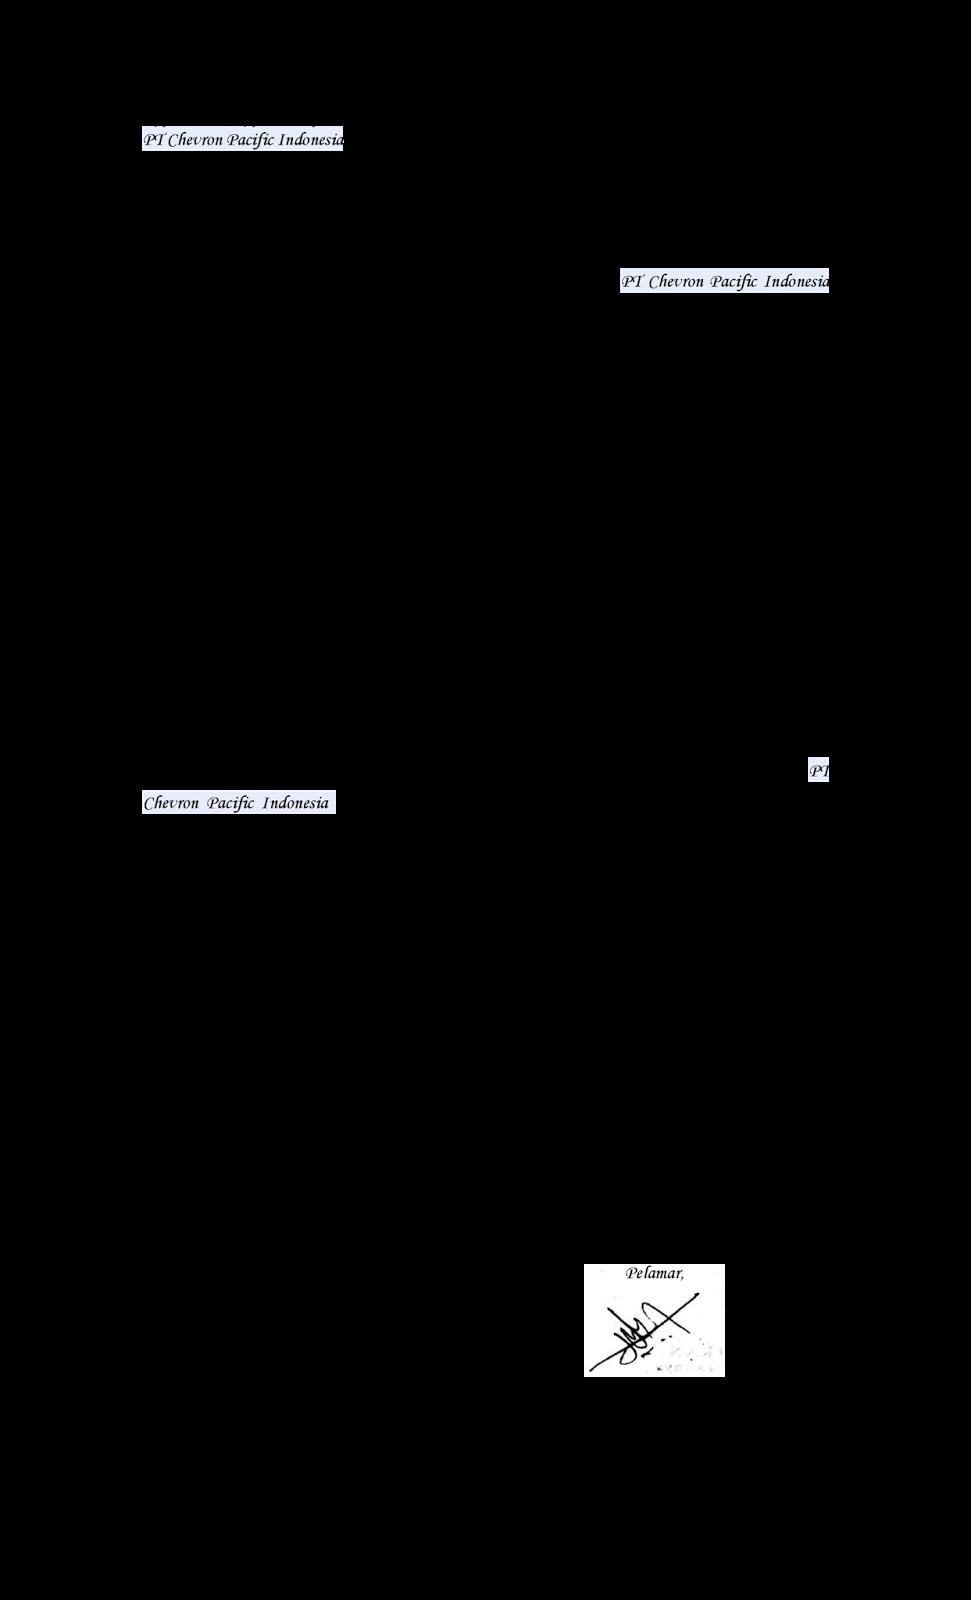 contoh surat lamaran kerja ke pt chevron